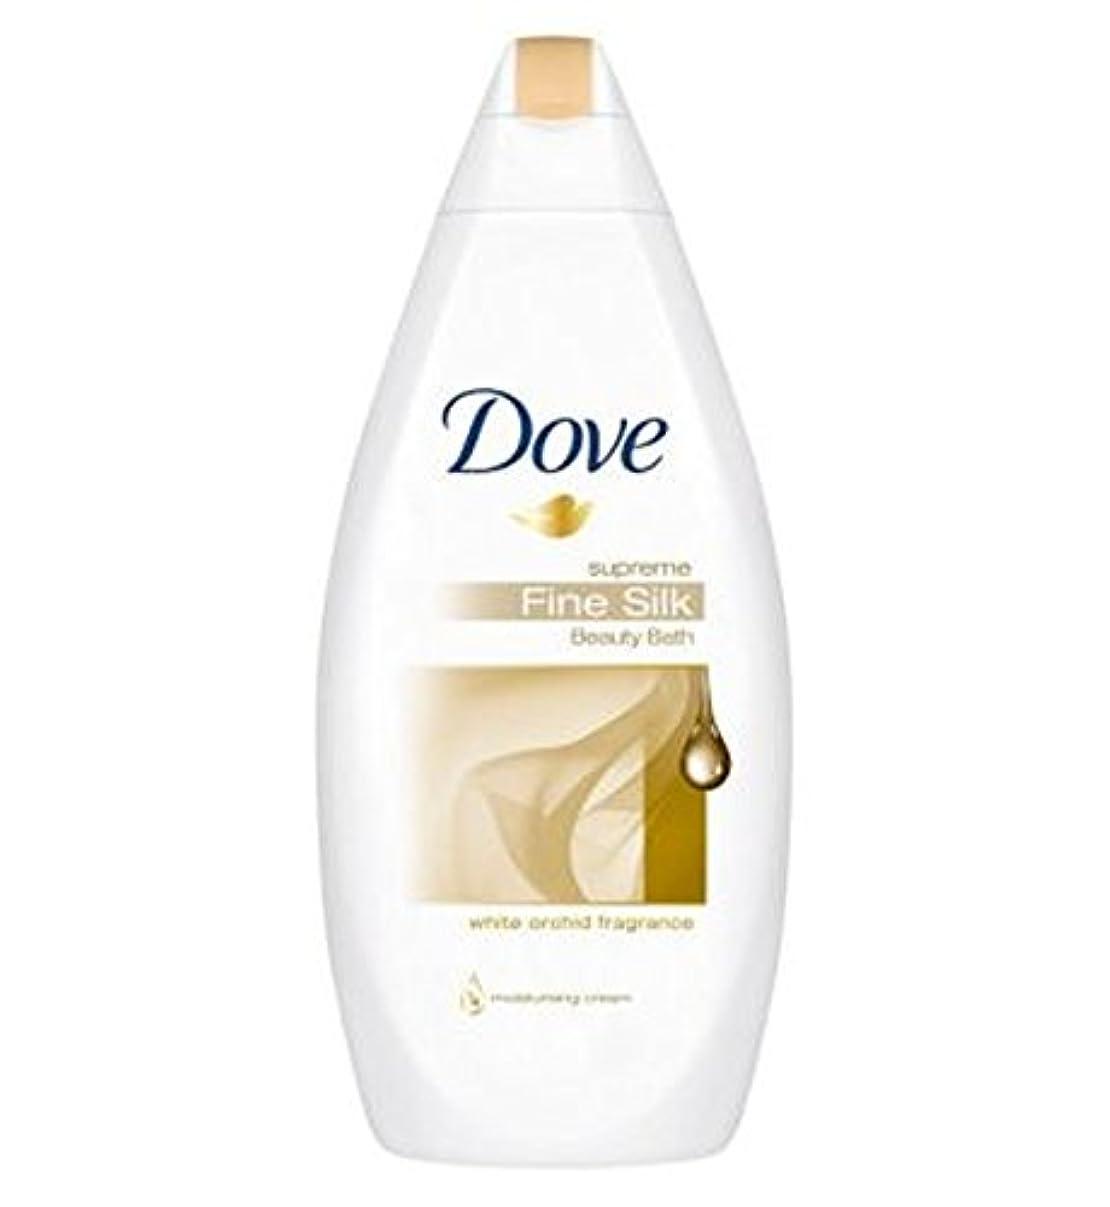 相互協力するウガンダ鳩最高の細かい絹クリームバスの500ミリリットル (Dove) (x2) - Dove Supreme Fine Silk Cream Bath 500ml (Pack of 2) [並行輸入品]